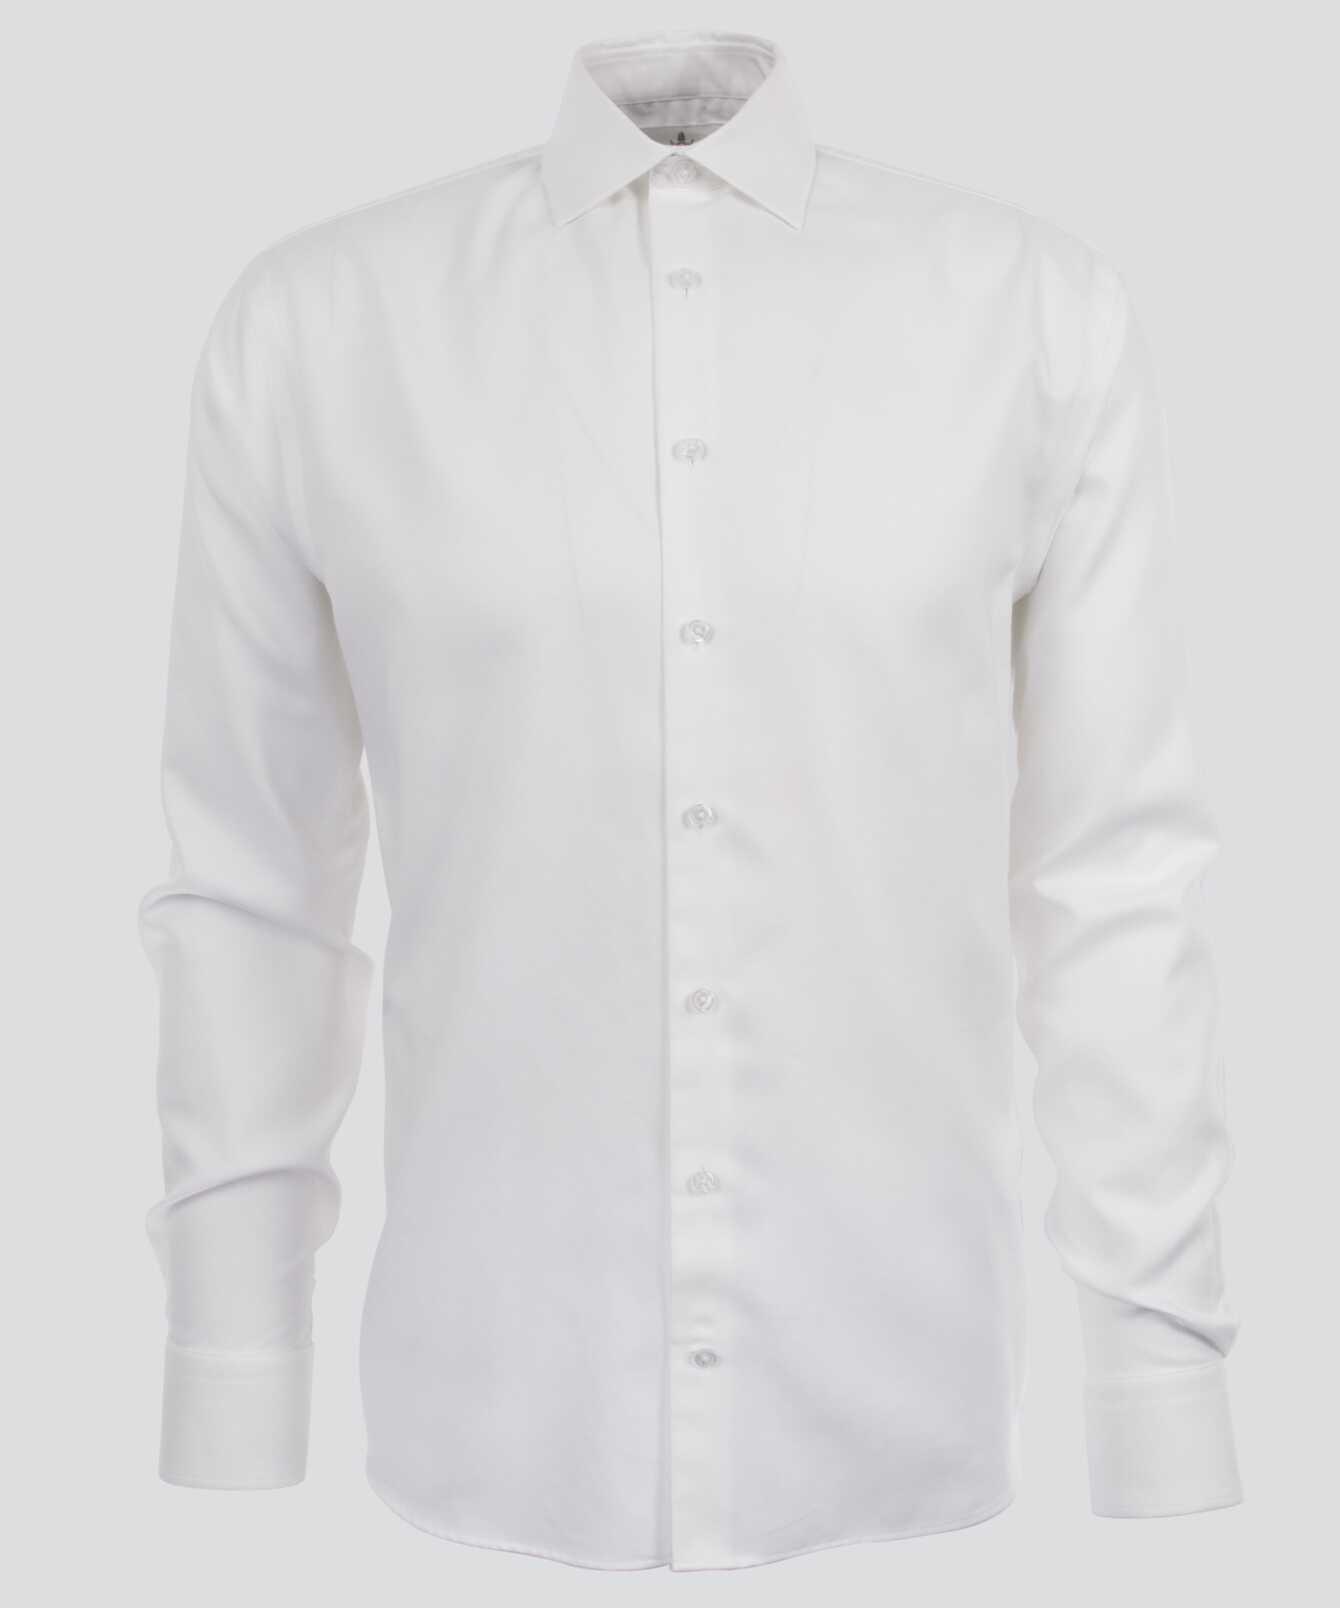 Skjorta Stanton Lättstruken The Shirt Factory